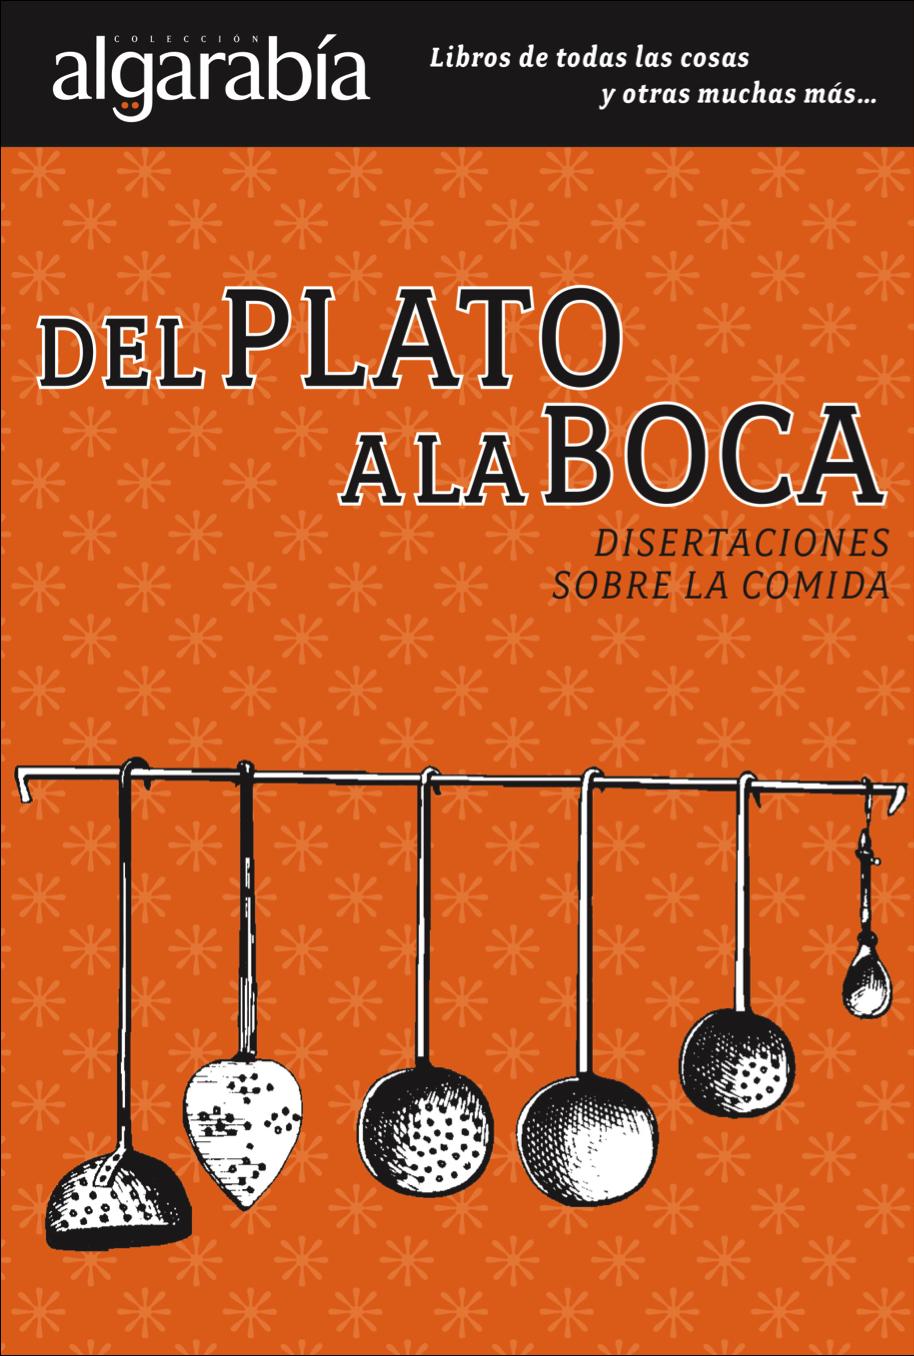 Texto extraído del libro 'Del plato a la boca: disertaciones sobre la comida', Algarabía editorial. México: 2012.